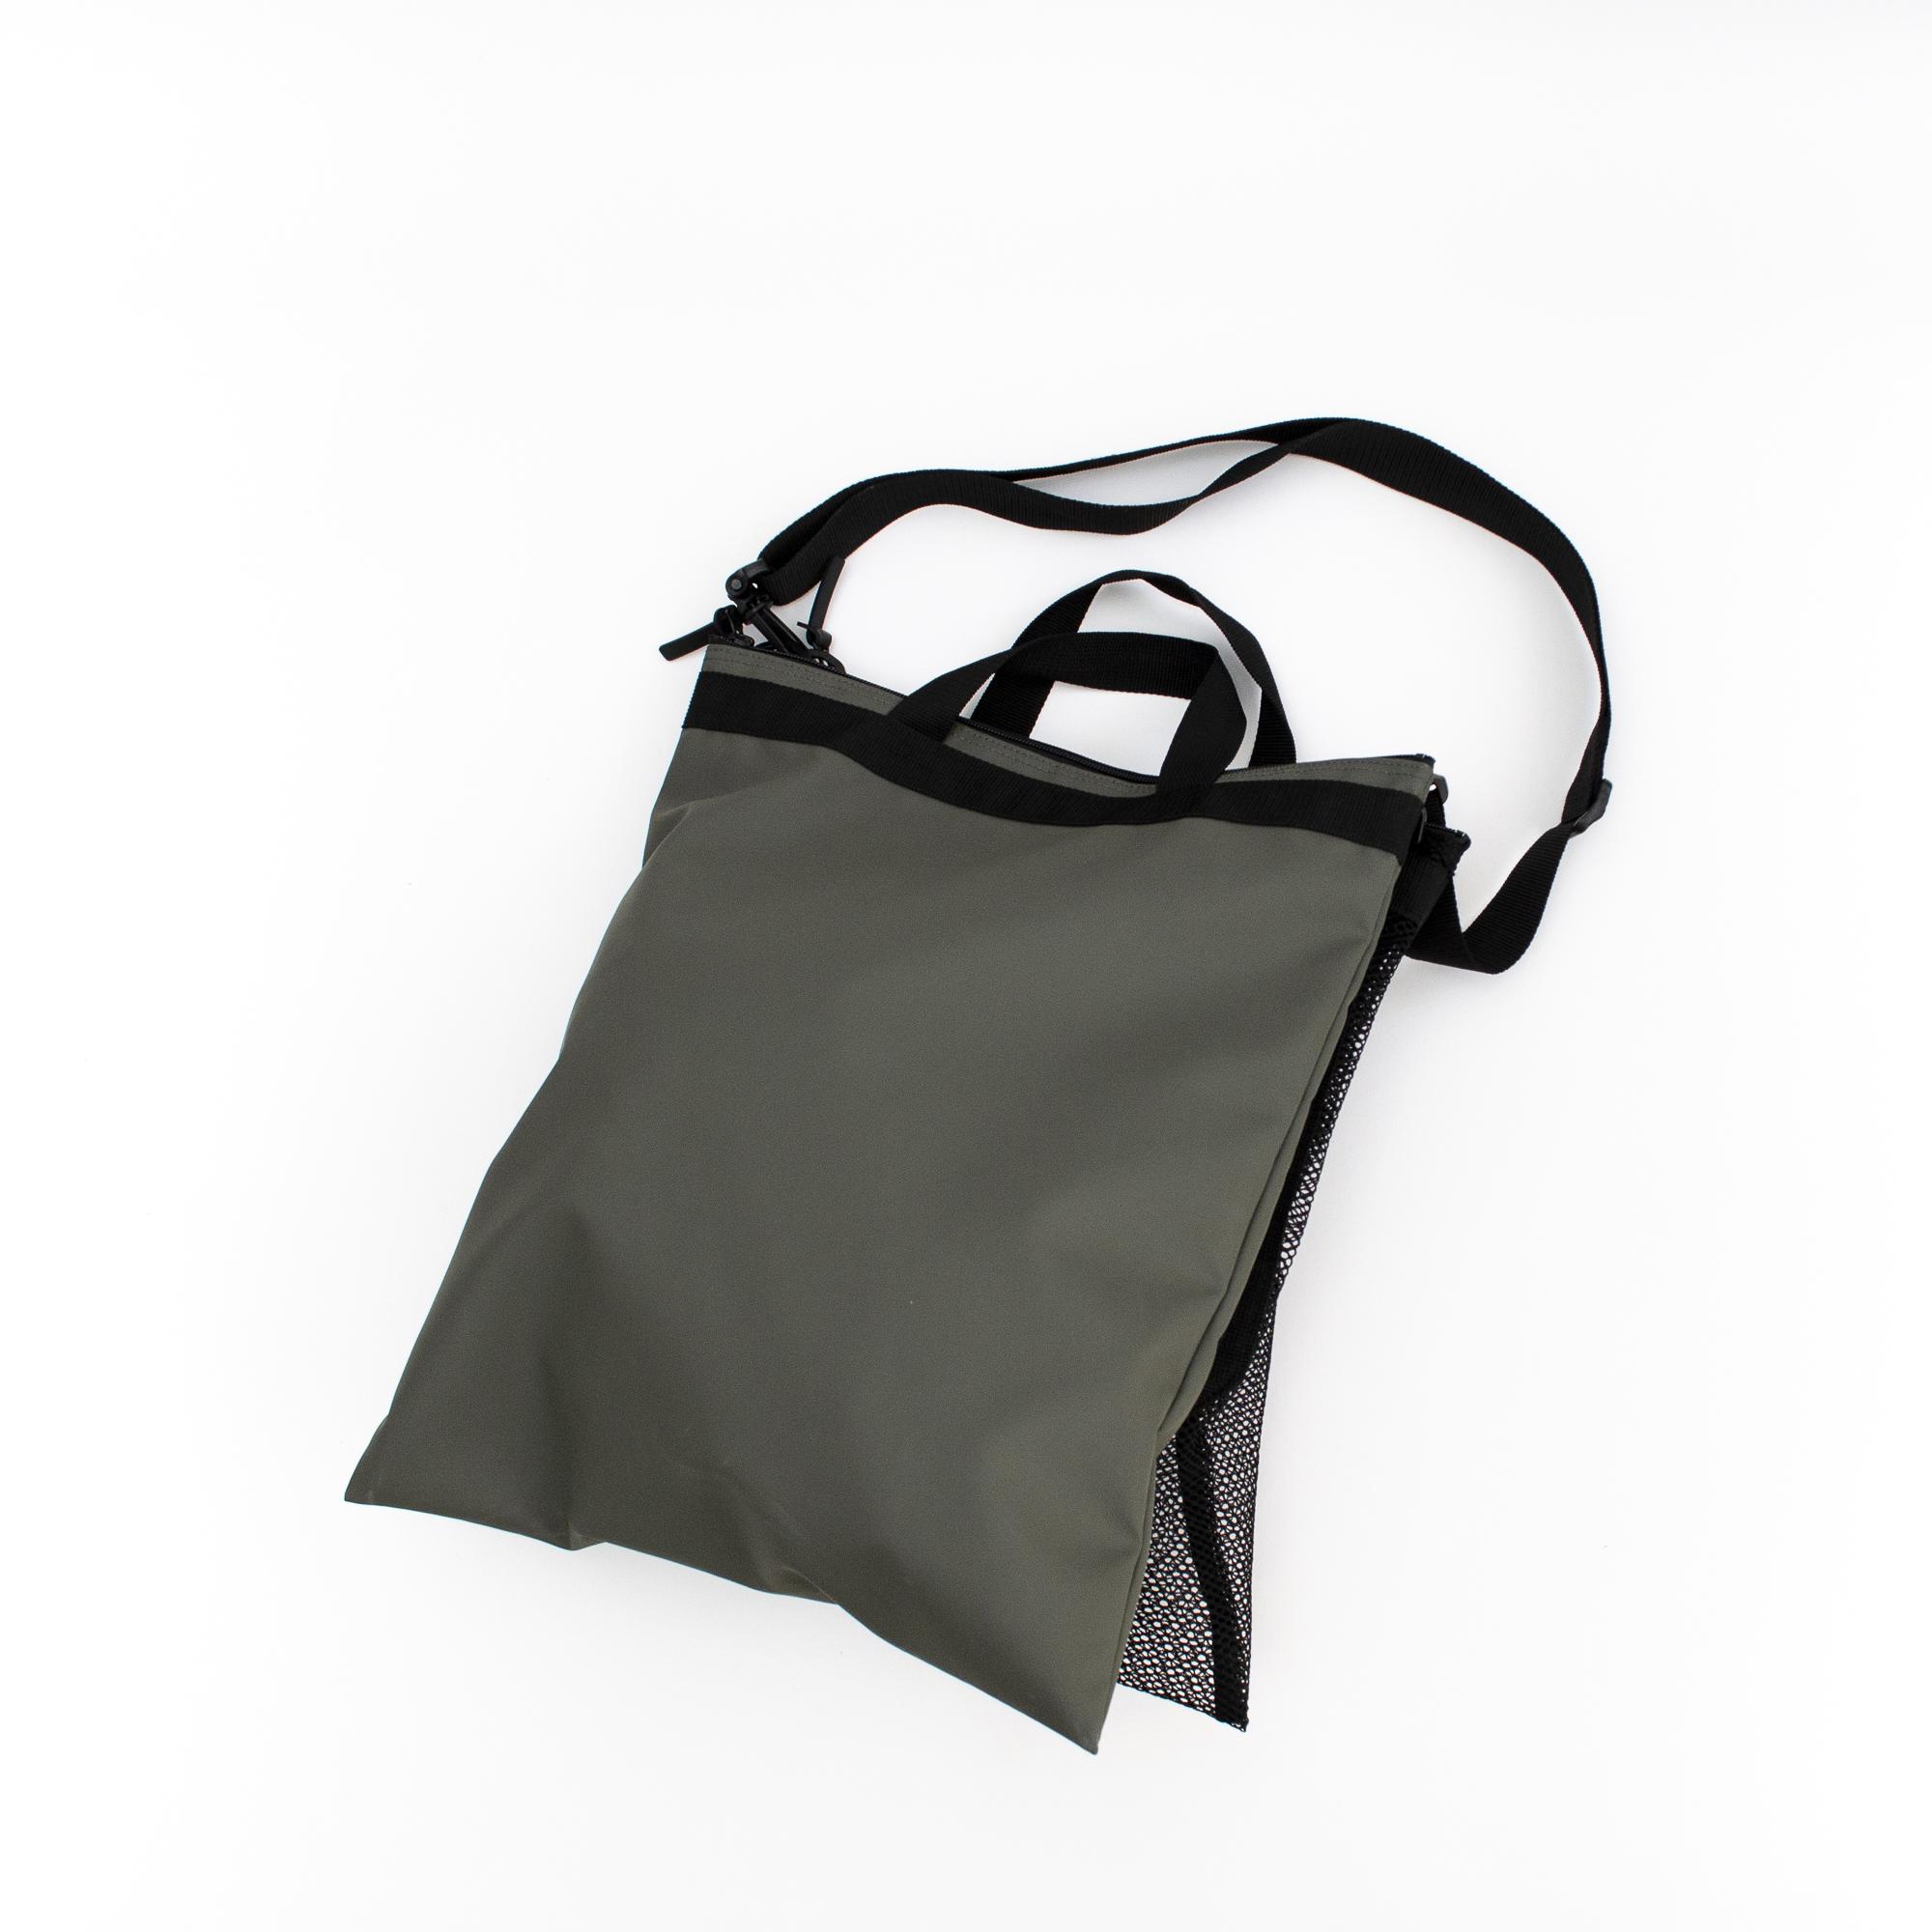 W/D SEPARATE BAG